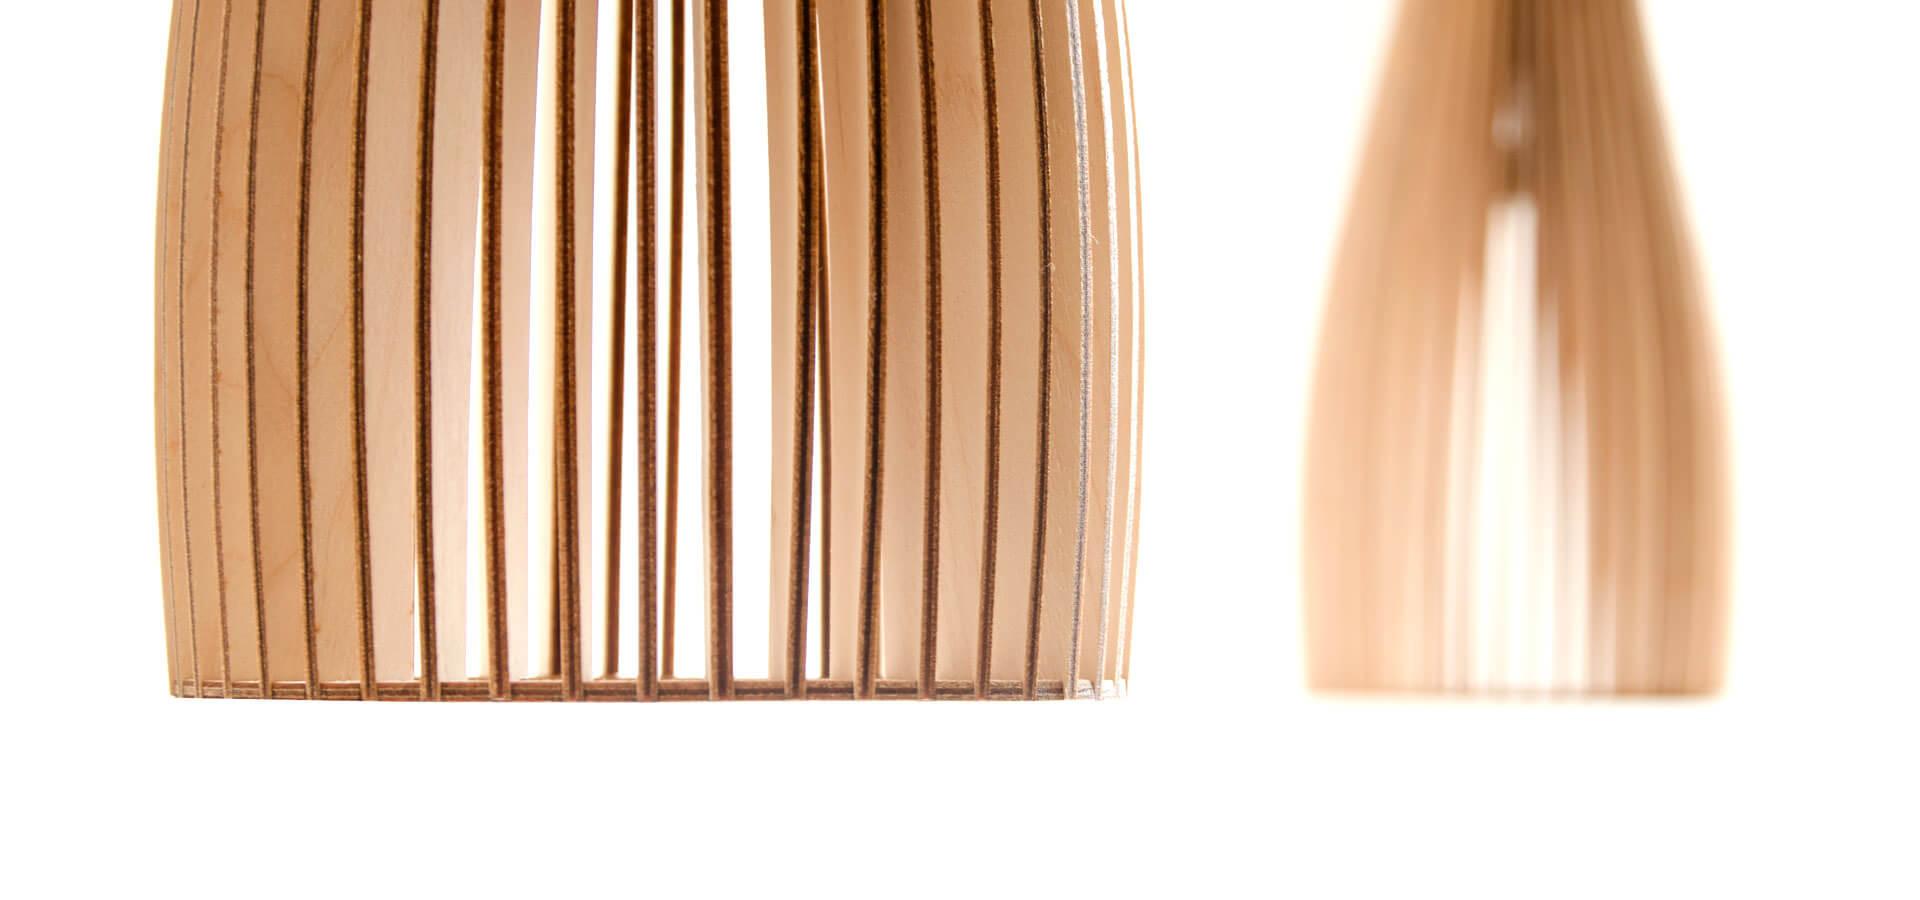 IUMI-DESIGN-LAMPEN-AUS-HOLZ-ENA-3-1920×900-4